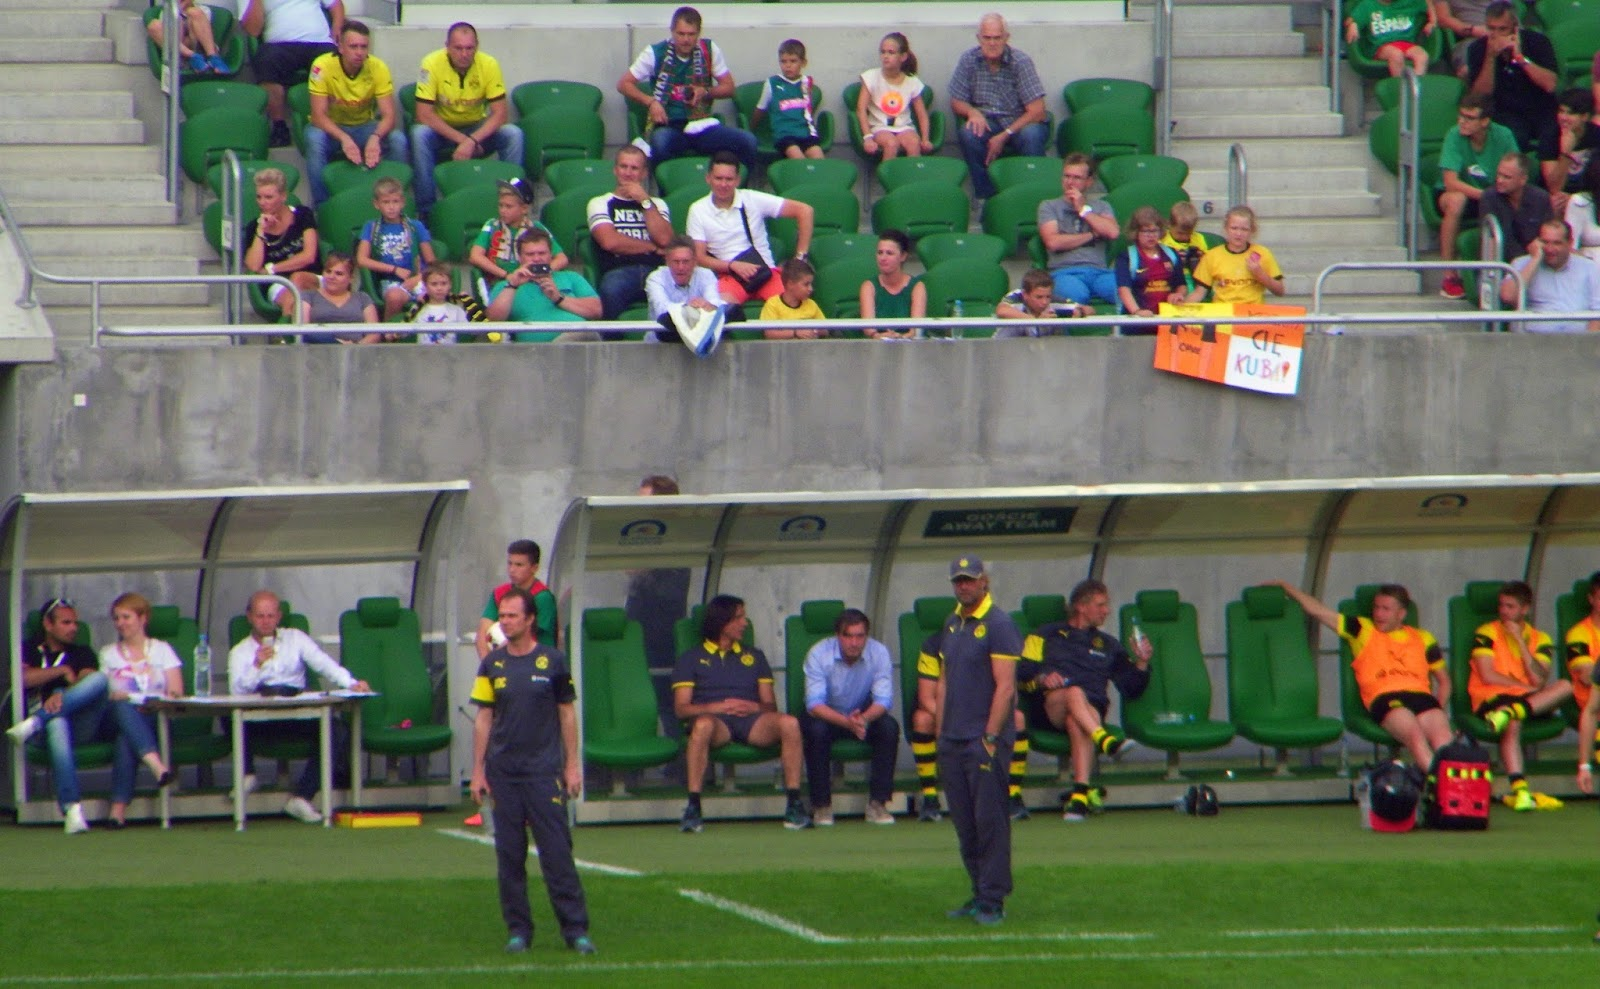 Mecz towarzyski BVB vs. WKS